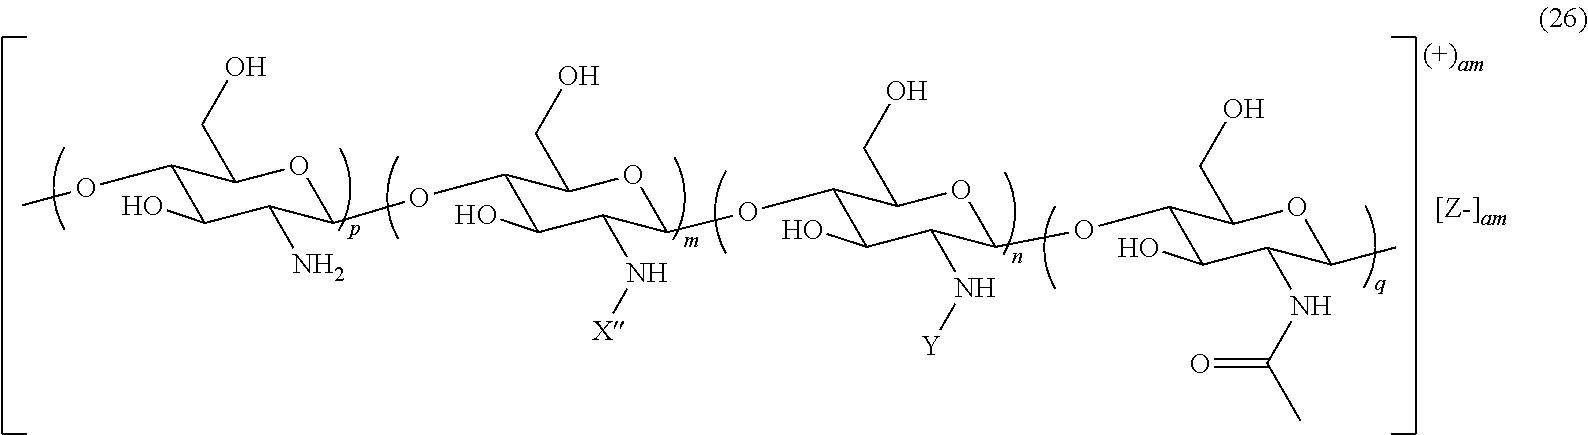 Figure US09029351-20150512-C00032